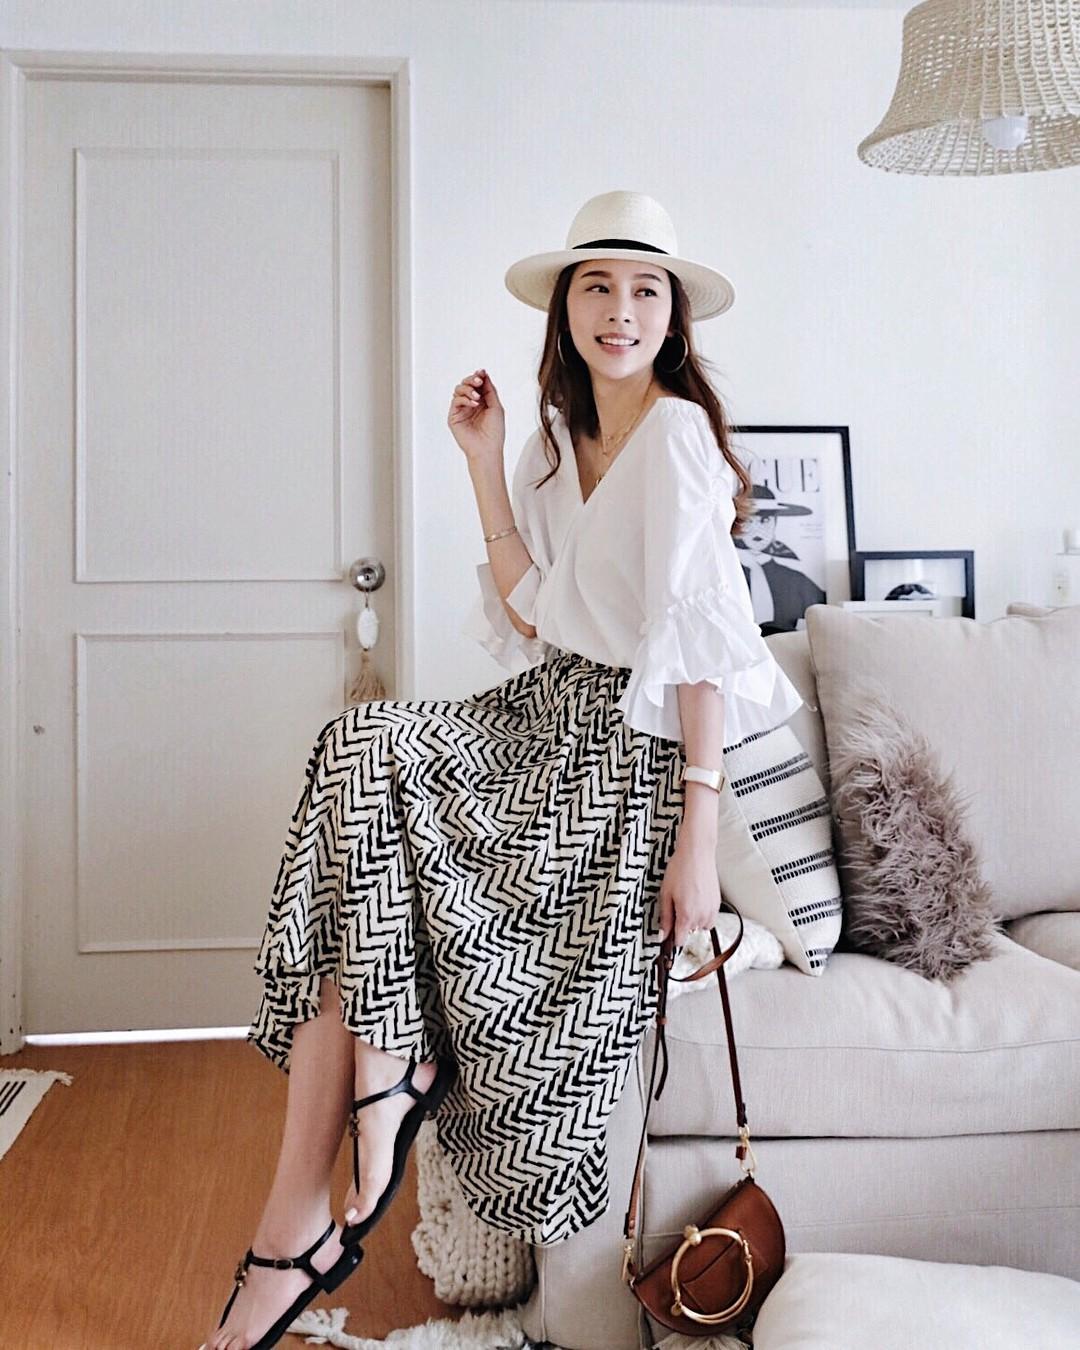 """5 gợi ý trang phục này đảm bảo sẽ giúp bạn """"ghi điểm"""" trong buổi hẹn hò với chàng - Ảnh 5"""